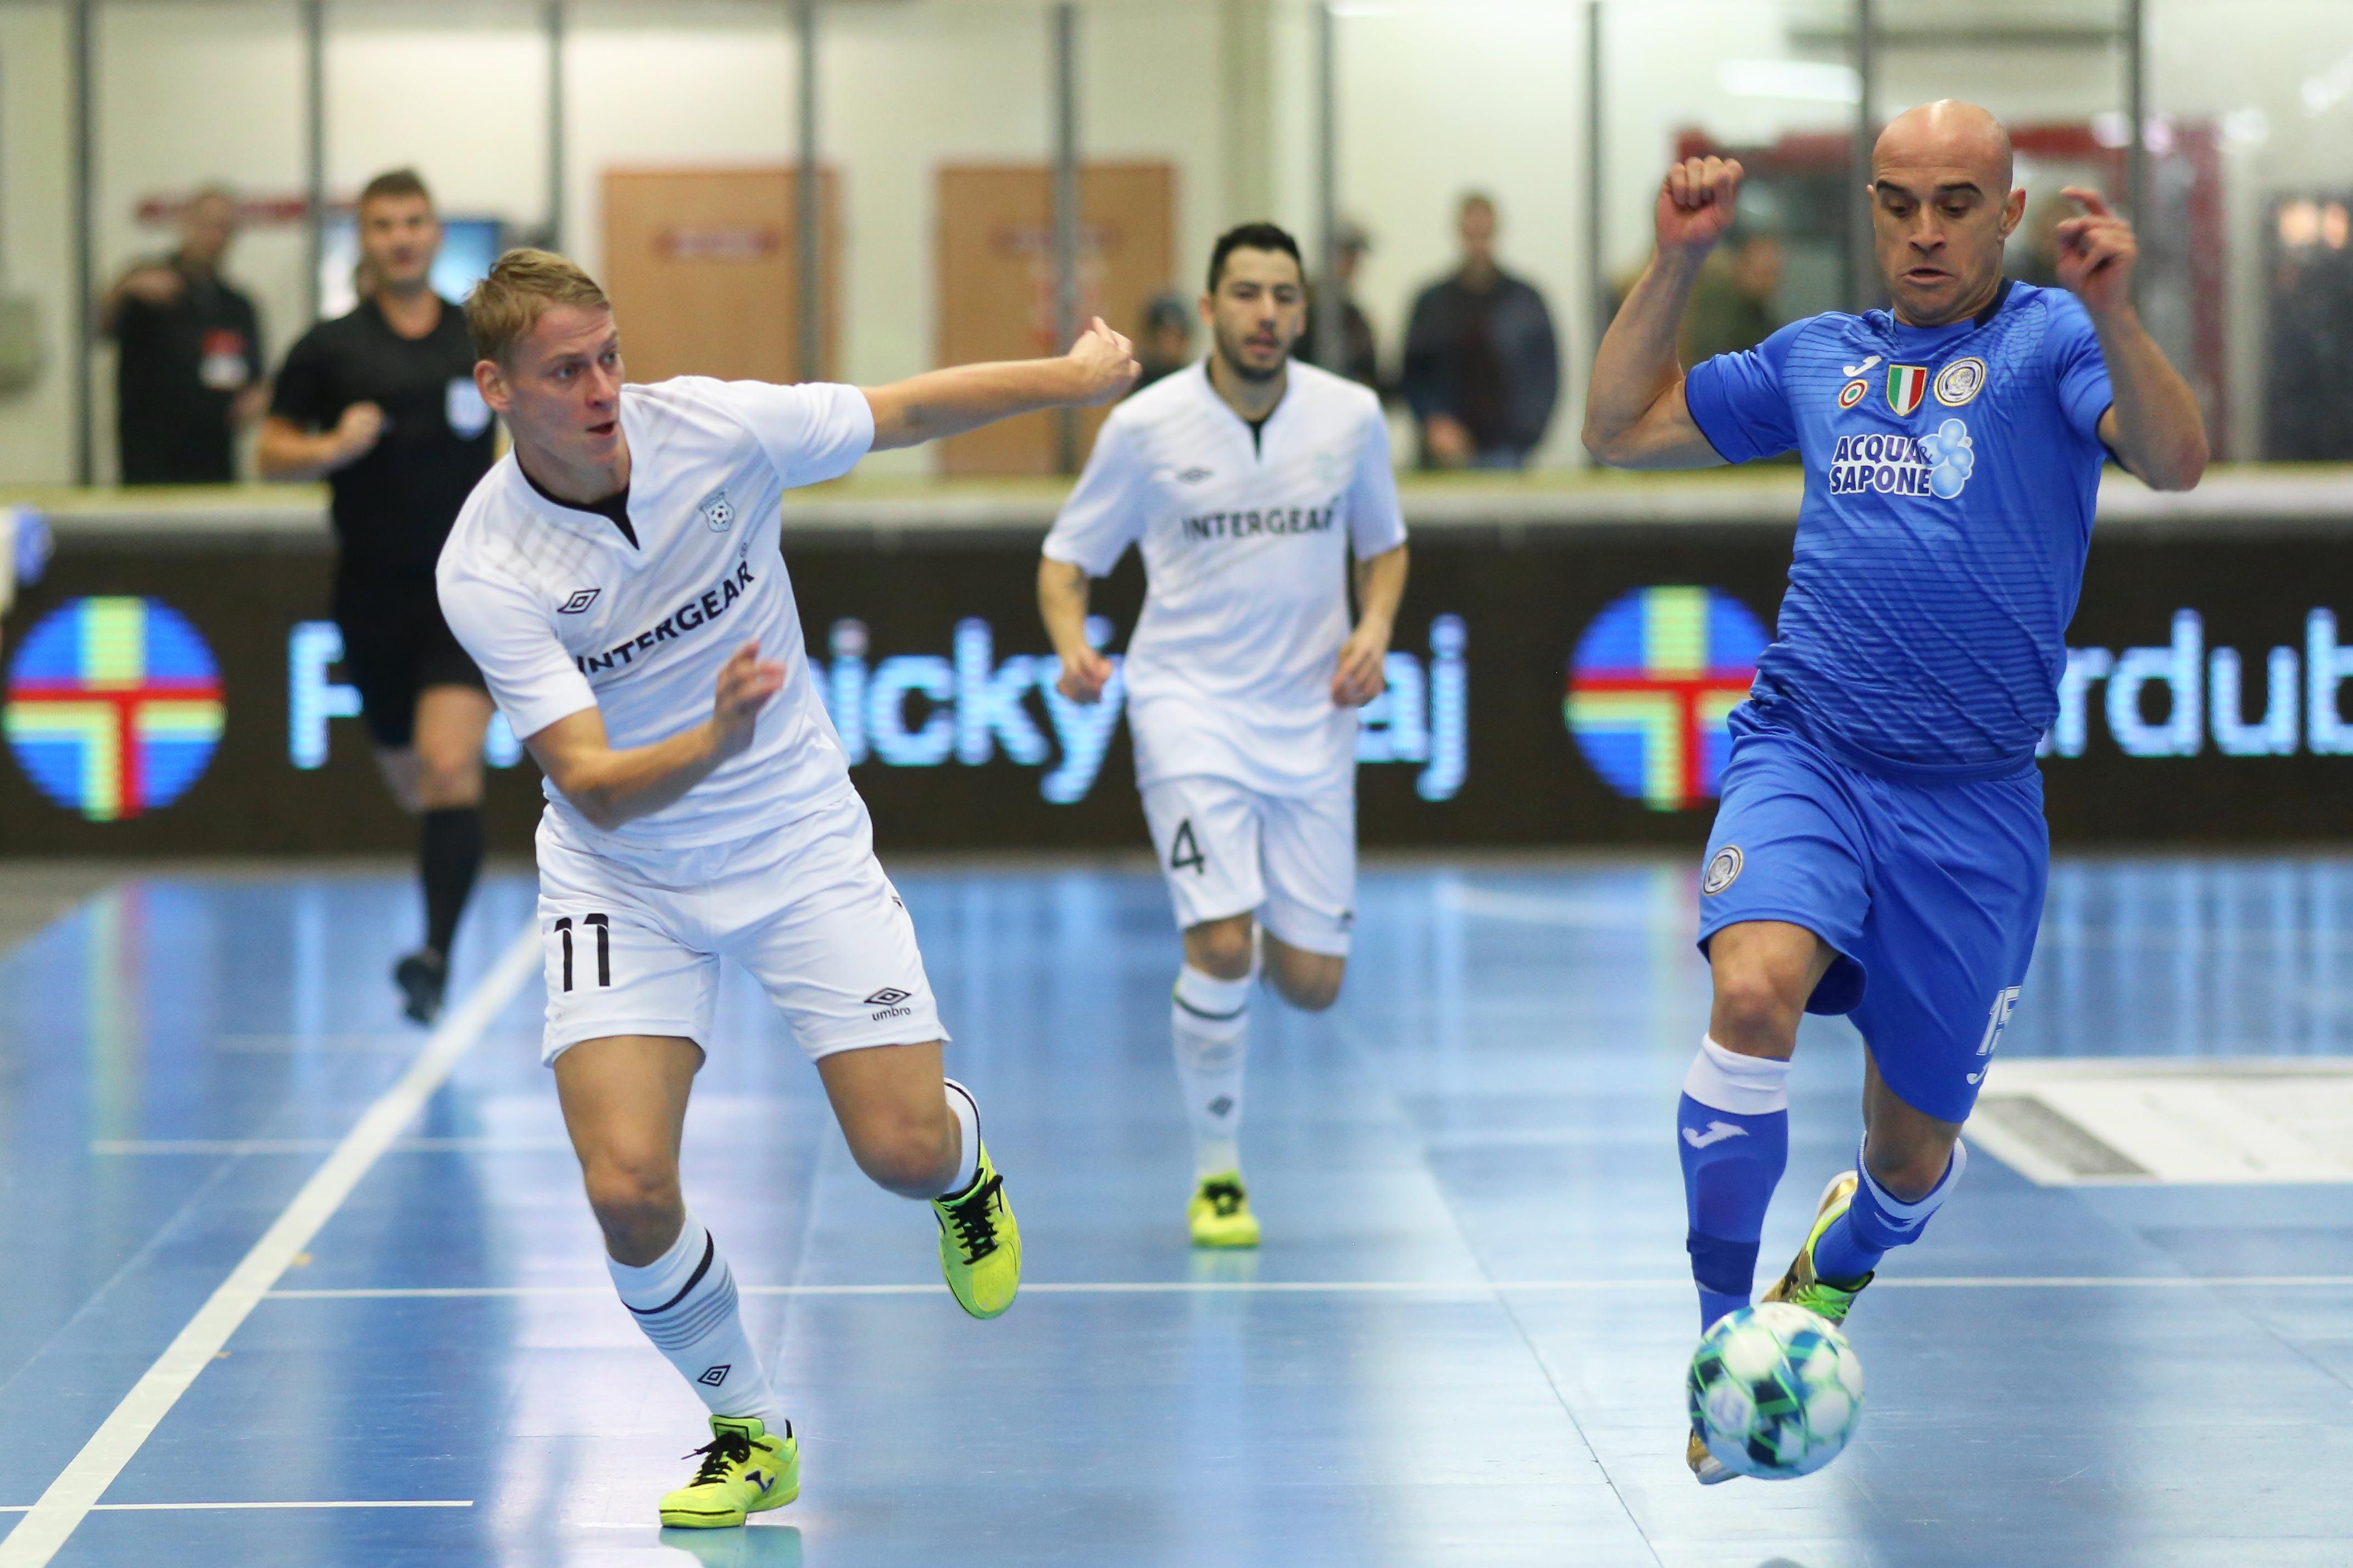 Con Lida A Il Elite Calcio Acquaesapone 5 Unigross In ultimo Assalto n7Zv486vqw